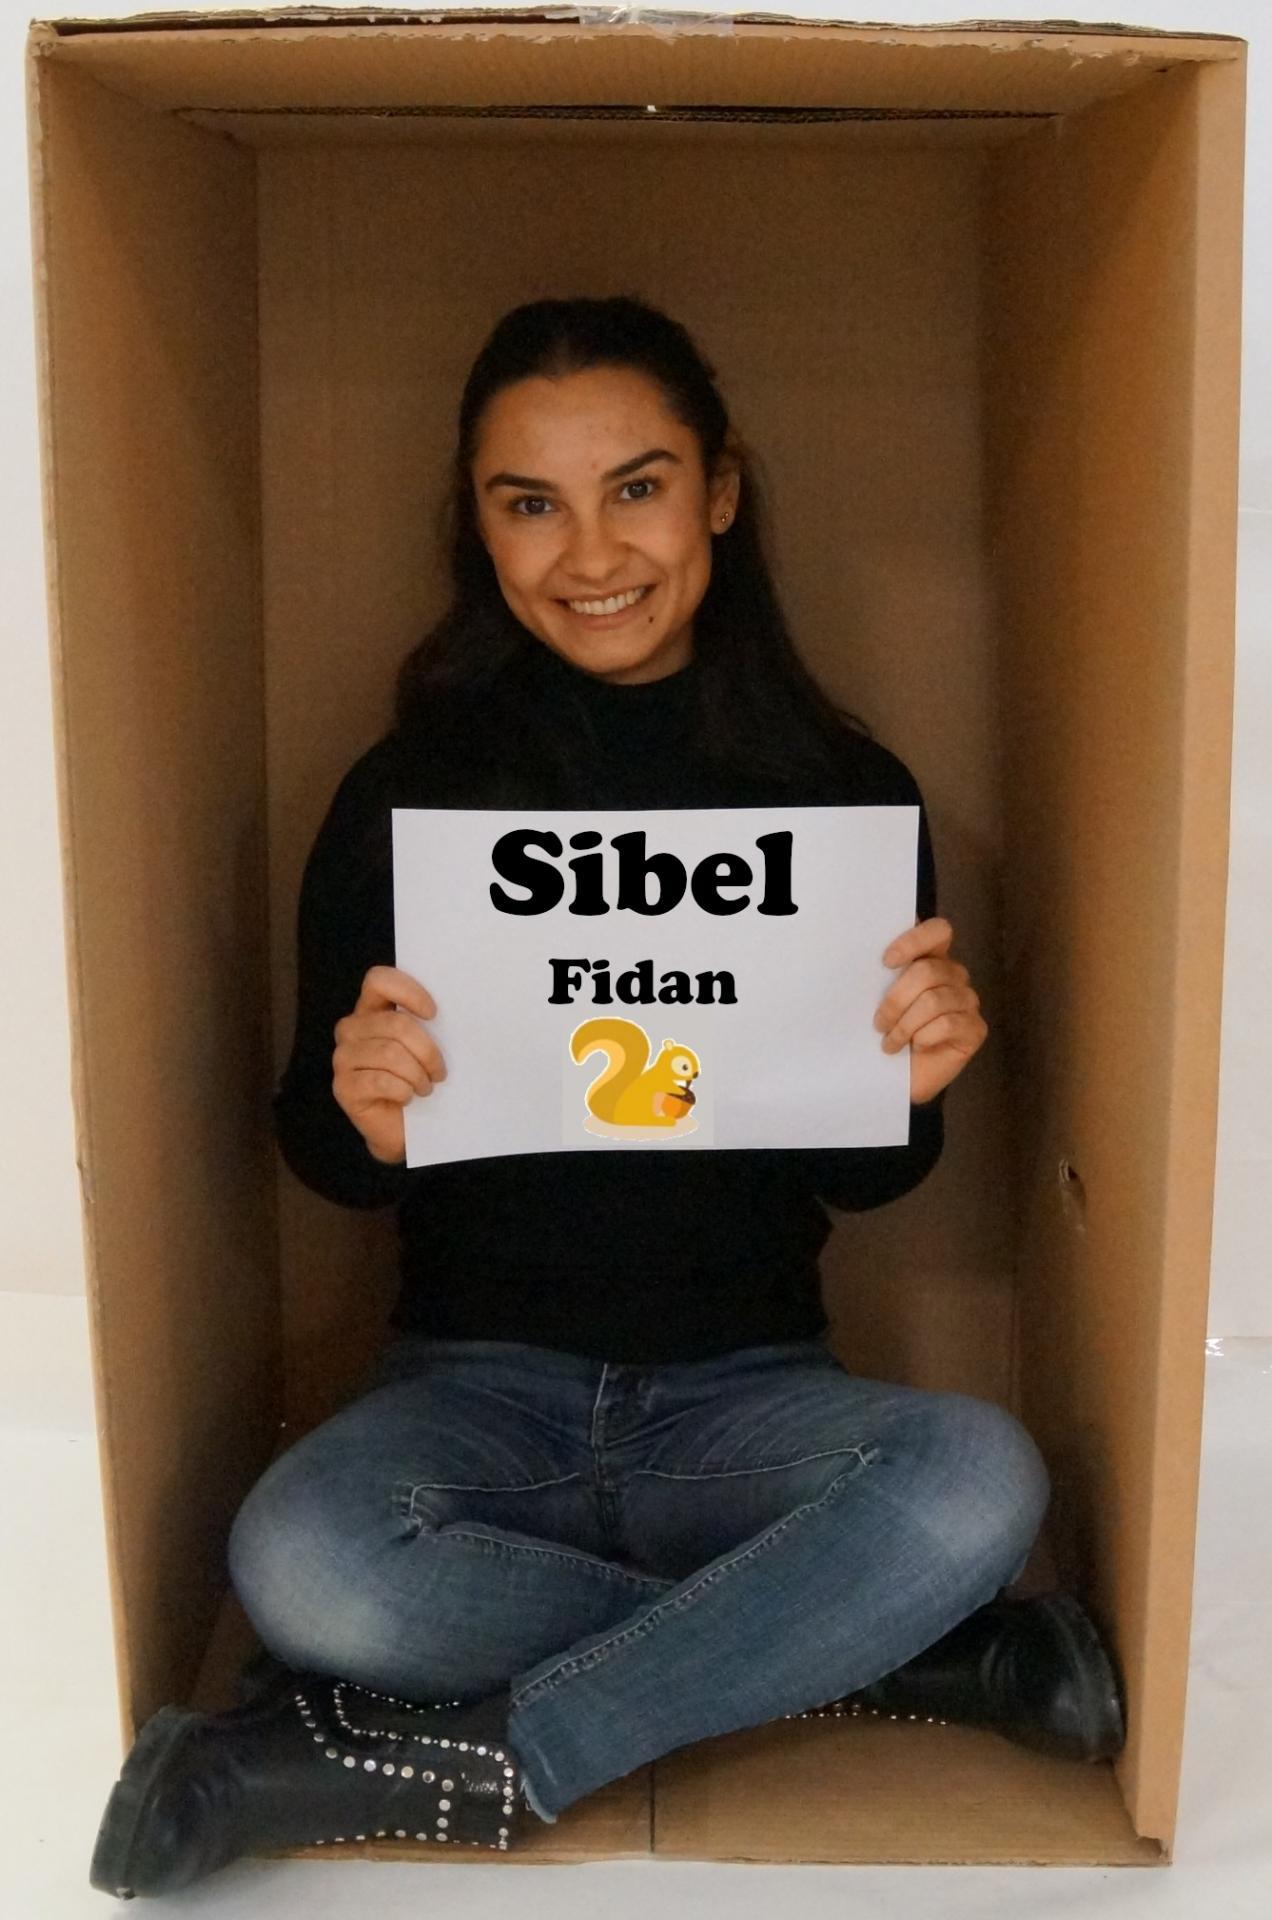 Sibel Fidan